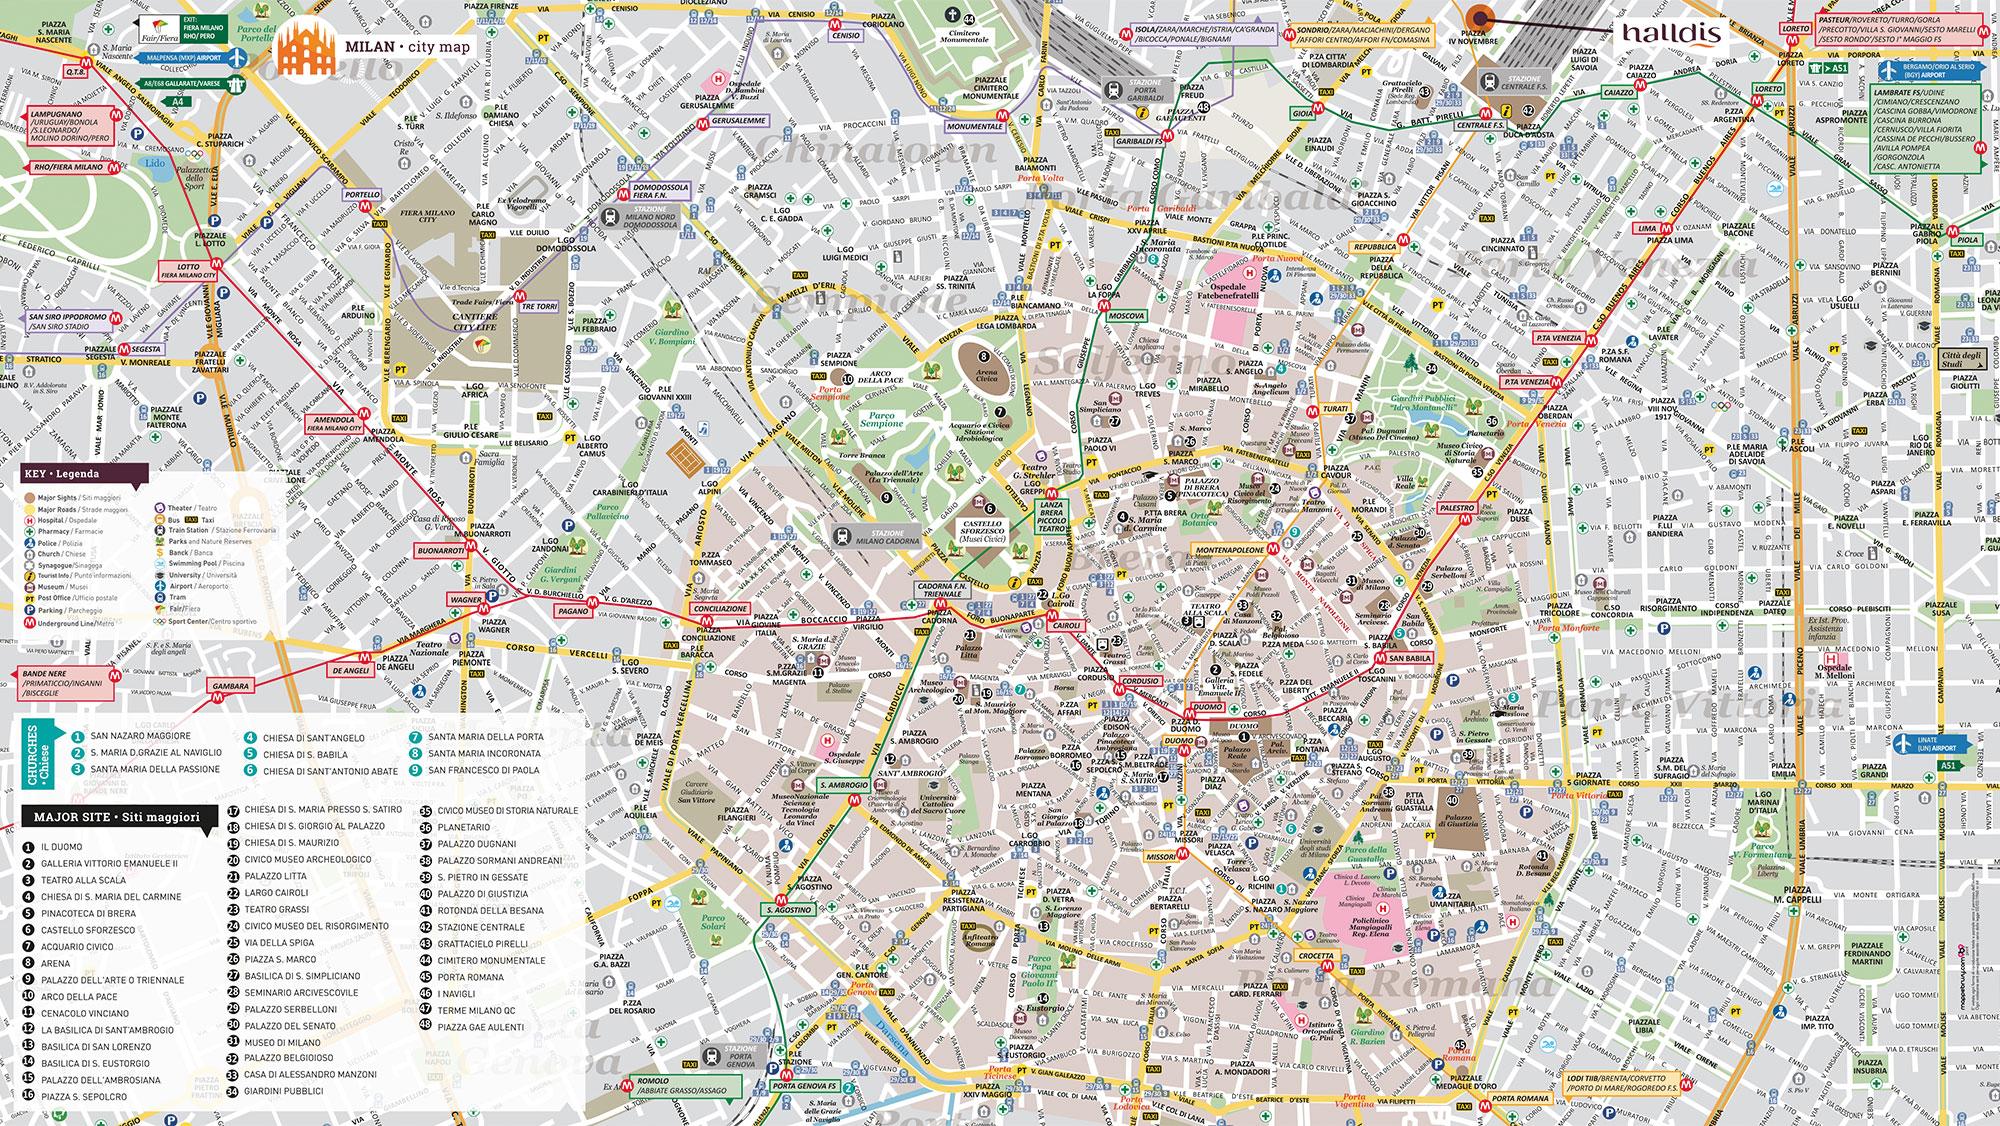 Halldis milano mappa brusy personalizzata mappa di milano for Vie di milano